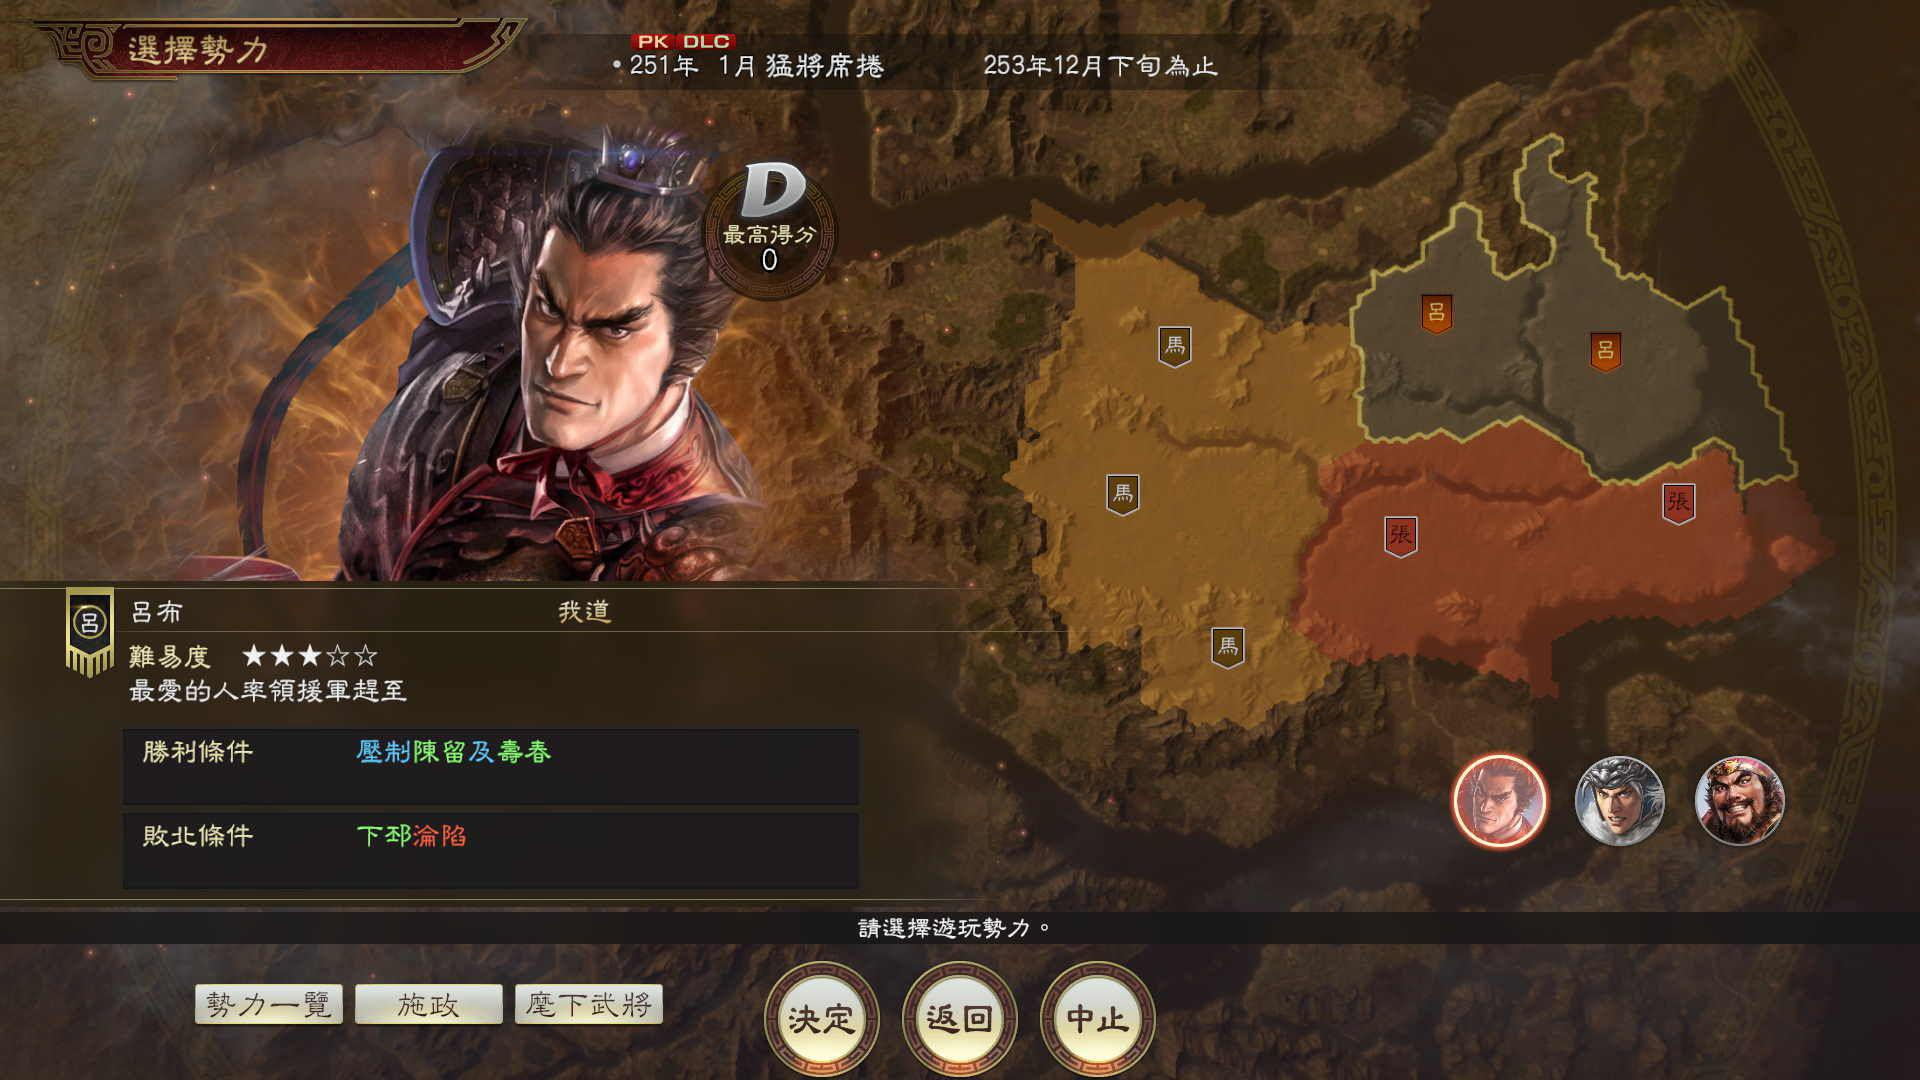 《三國志14威力加強版》2.25免費更新與付費DLC詳情